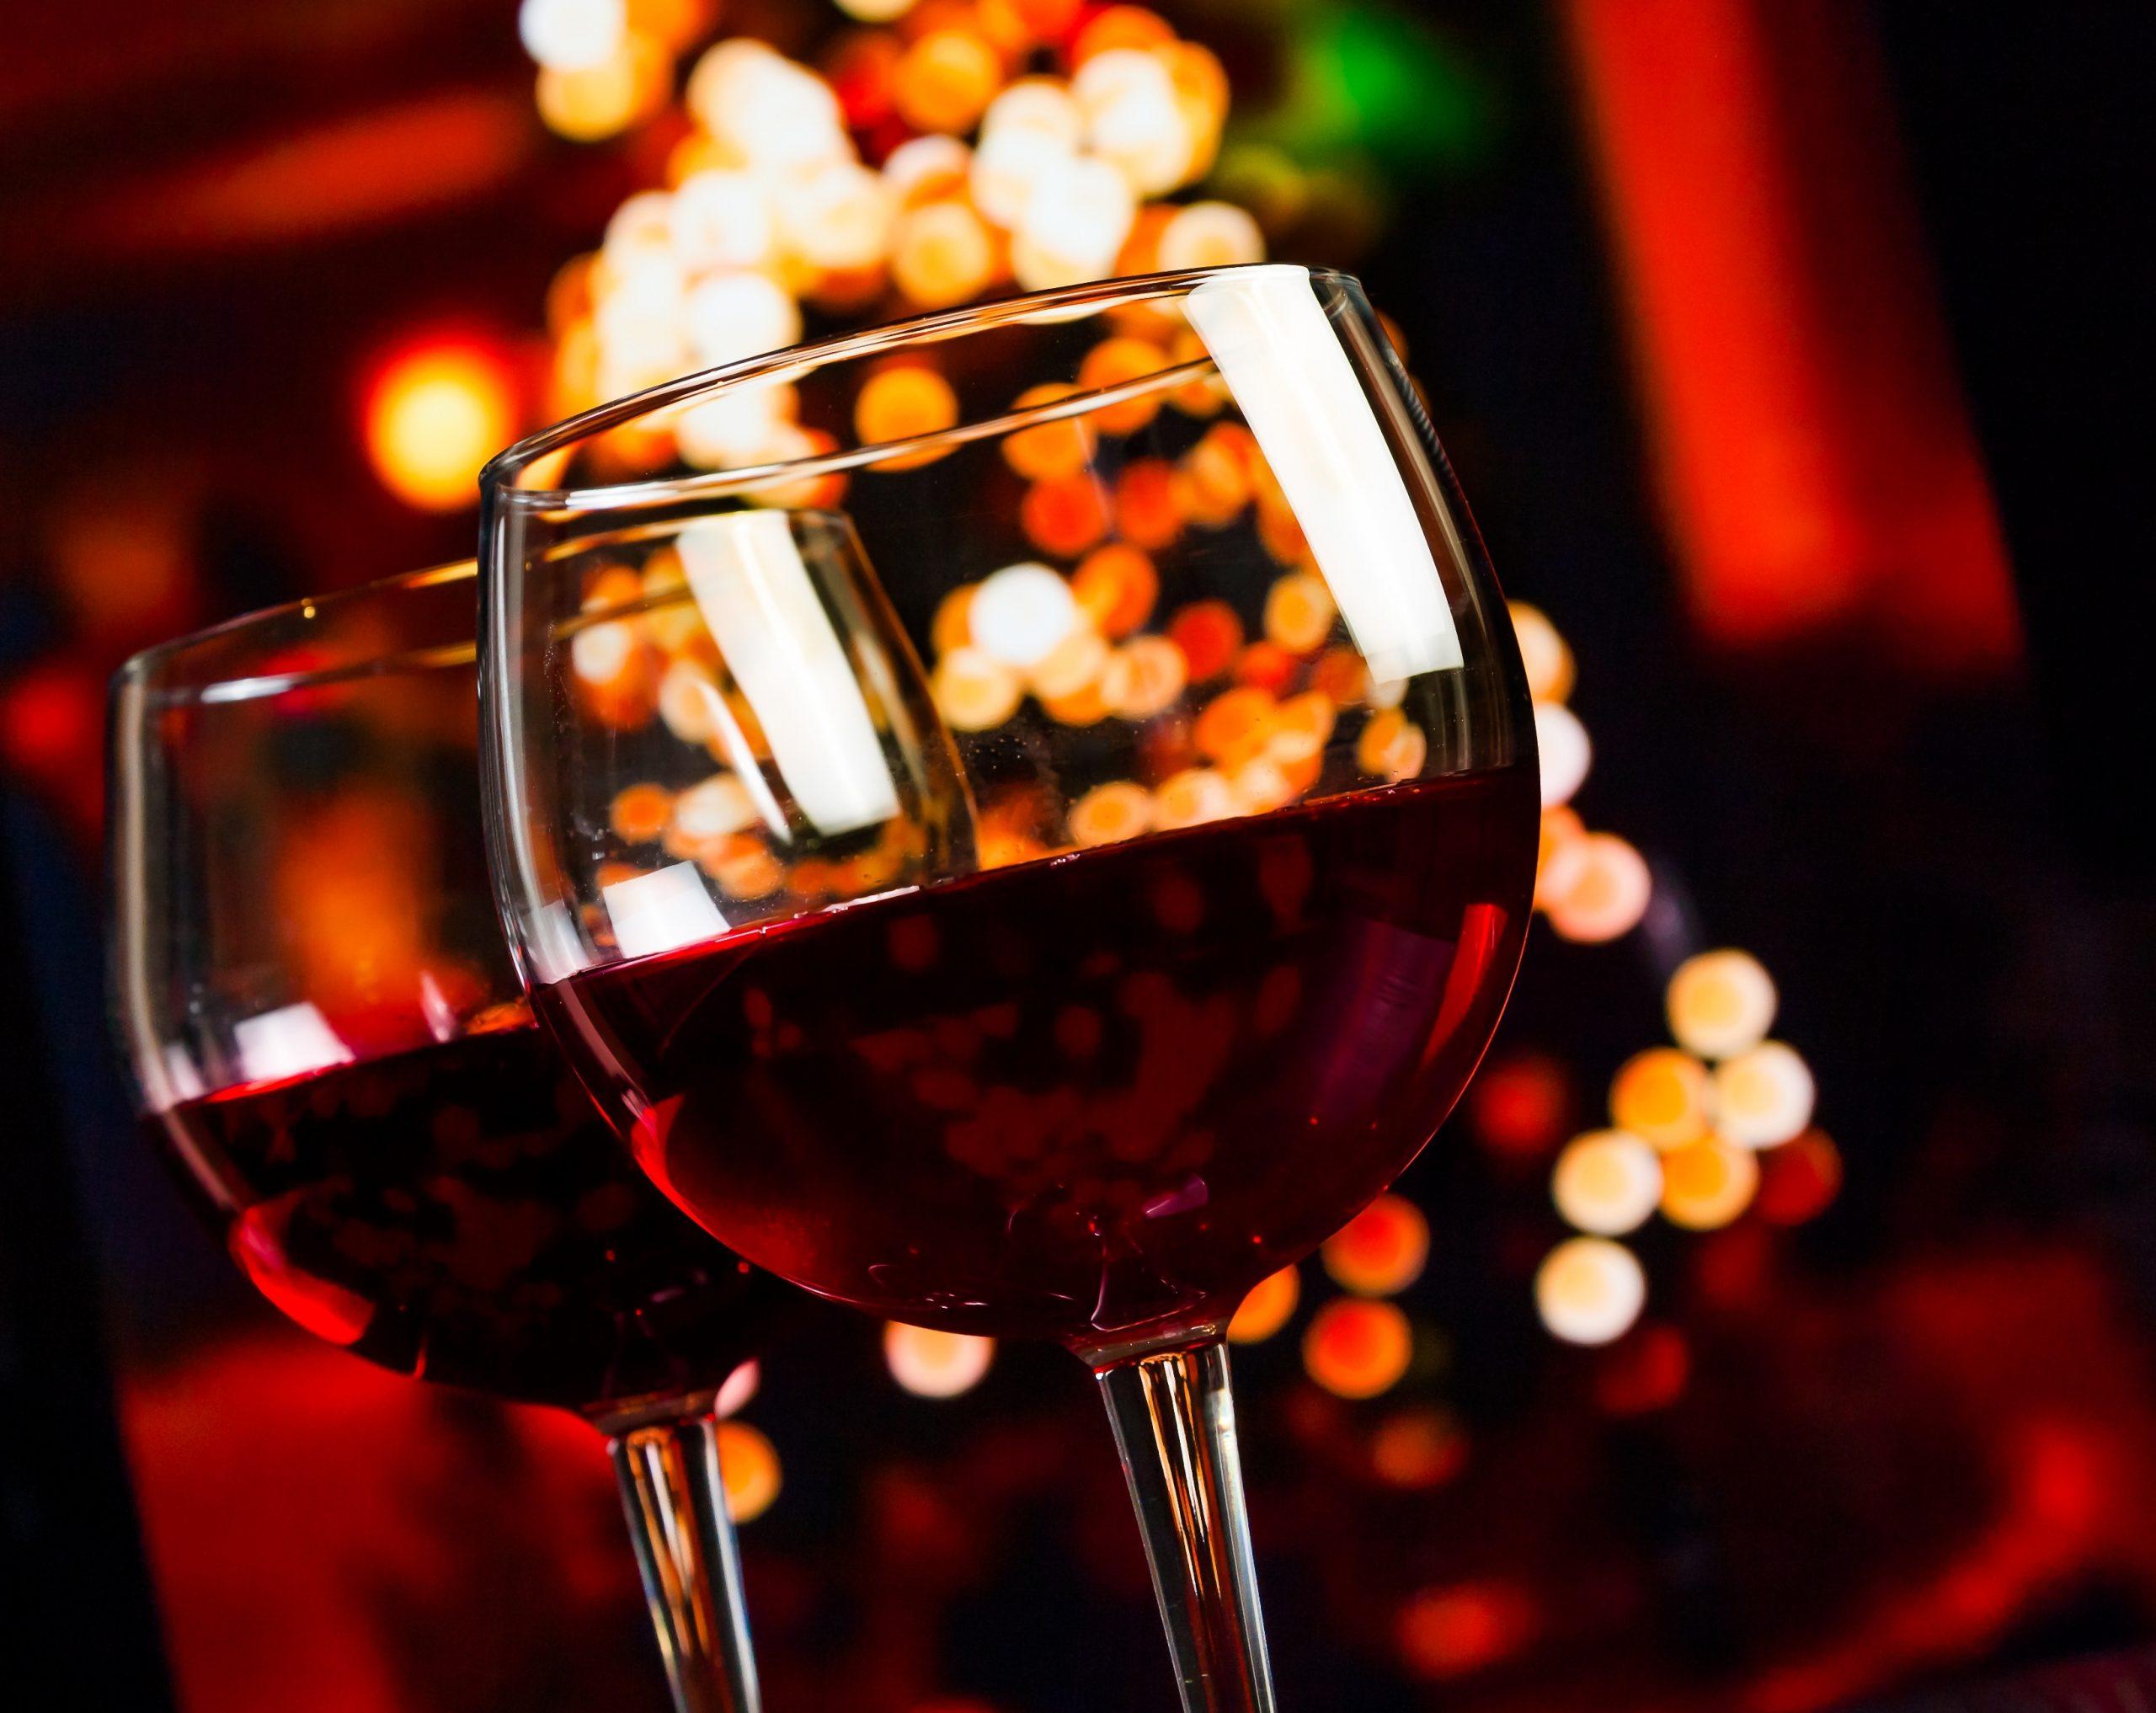 おうちで作ってみよう!おしゃれな赤ワインカクテルのレシピ